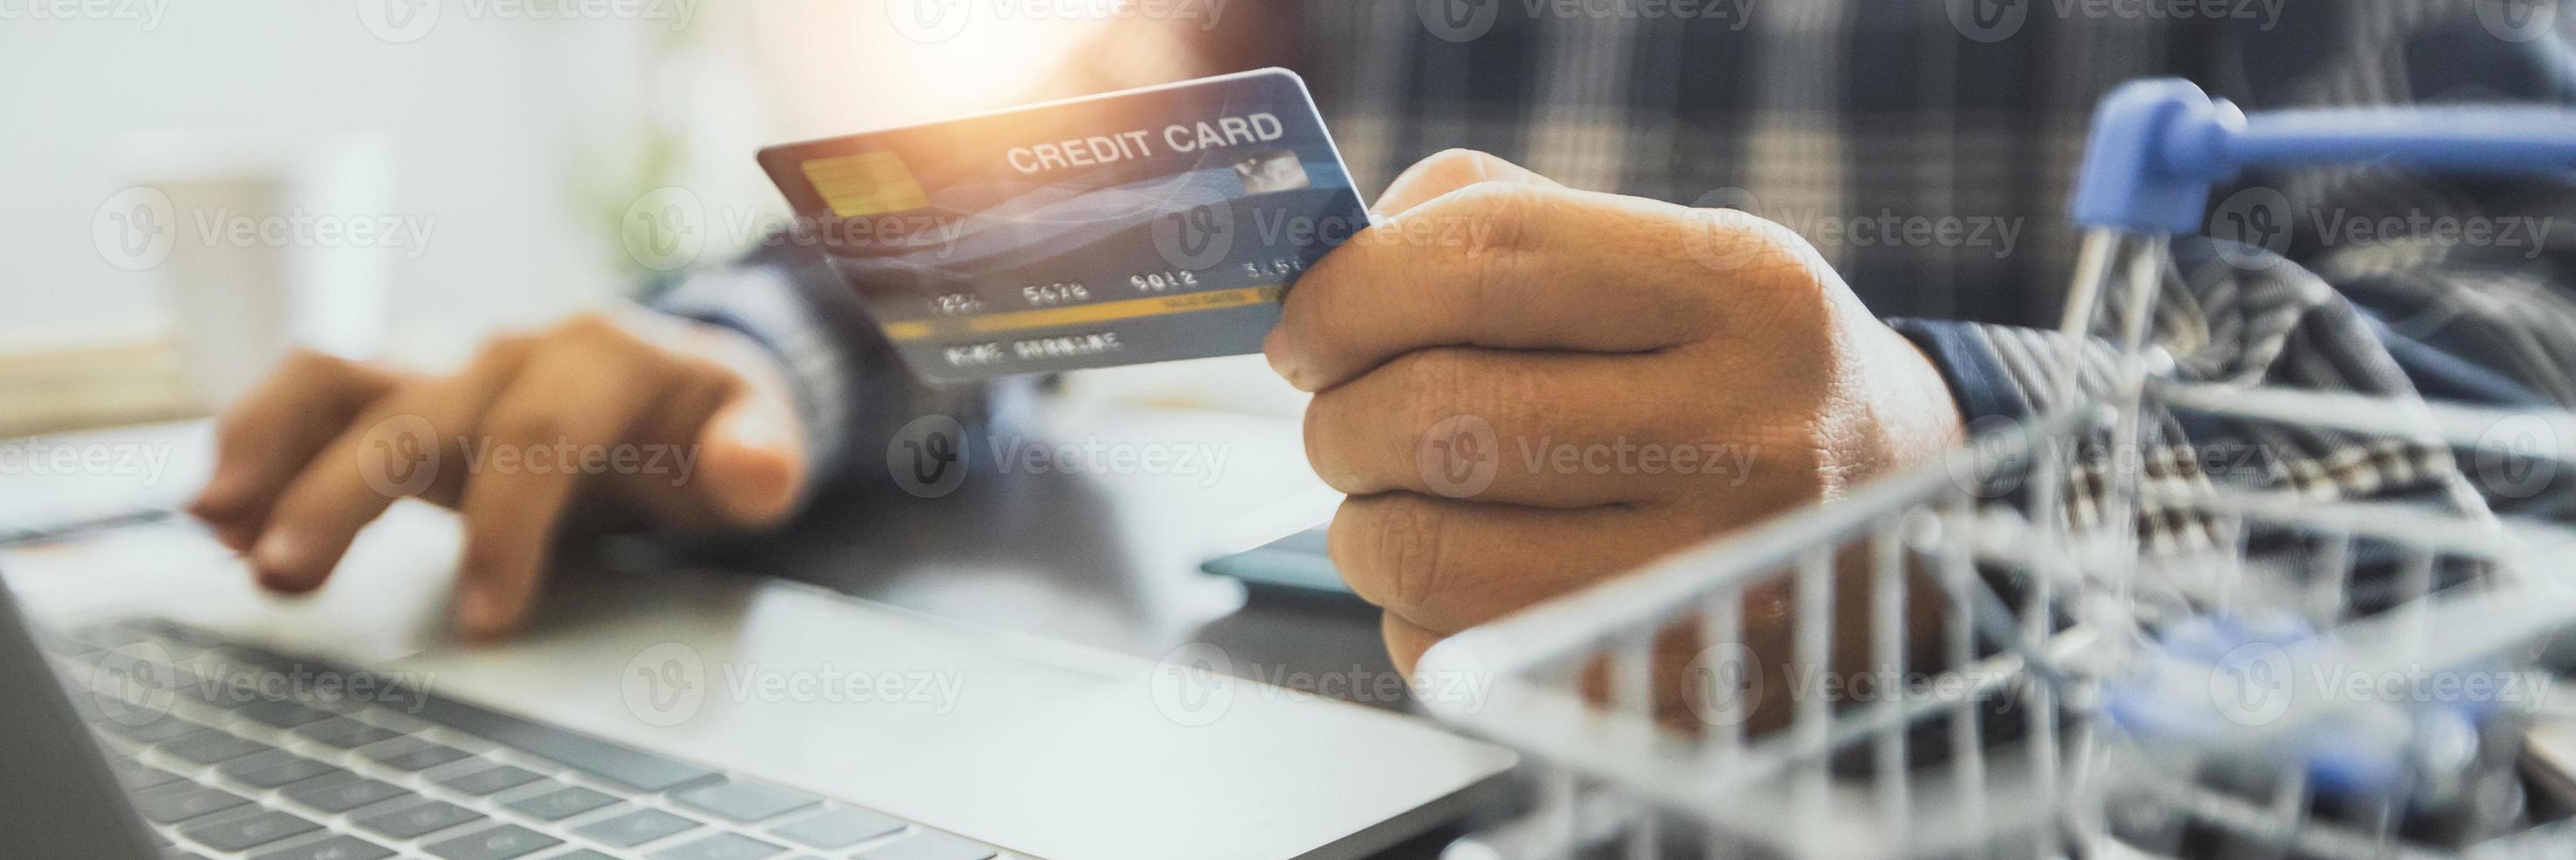 man som håller kreditkortet och arbetar på en bärbar dator foto